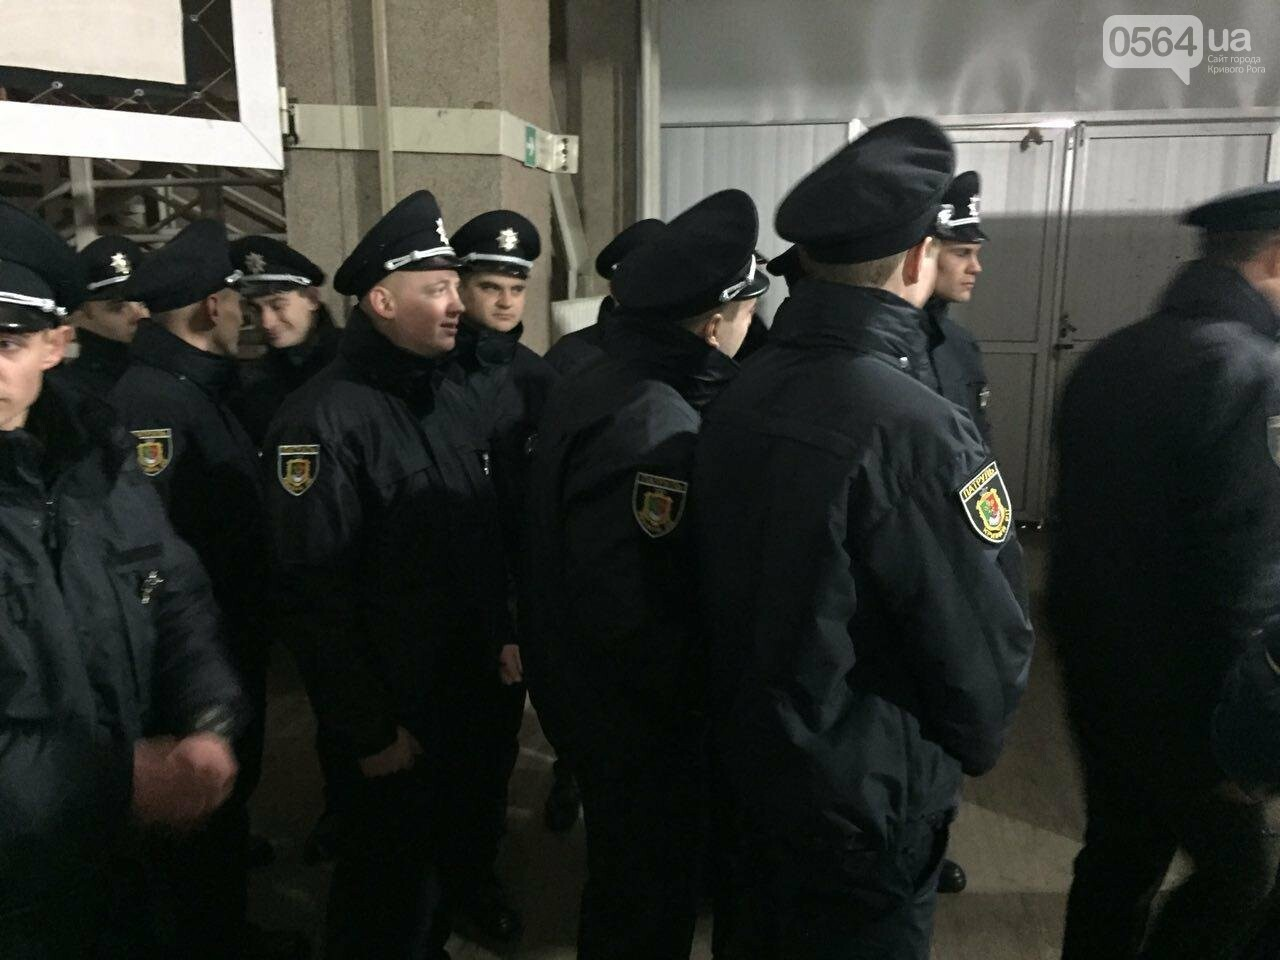 В криворожской полицейской семье пополнение -  65 человек присягнули на верность украинскому народу (ФОТО), фото-4